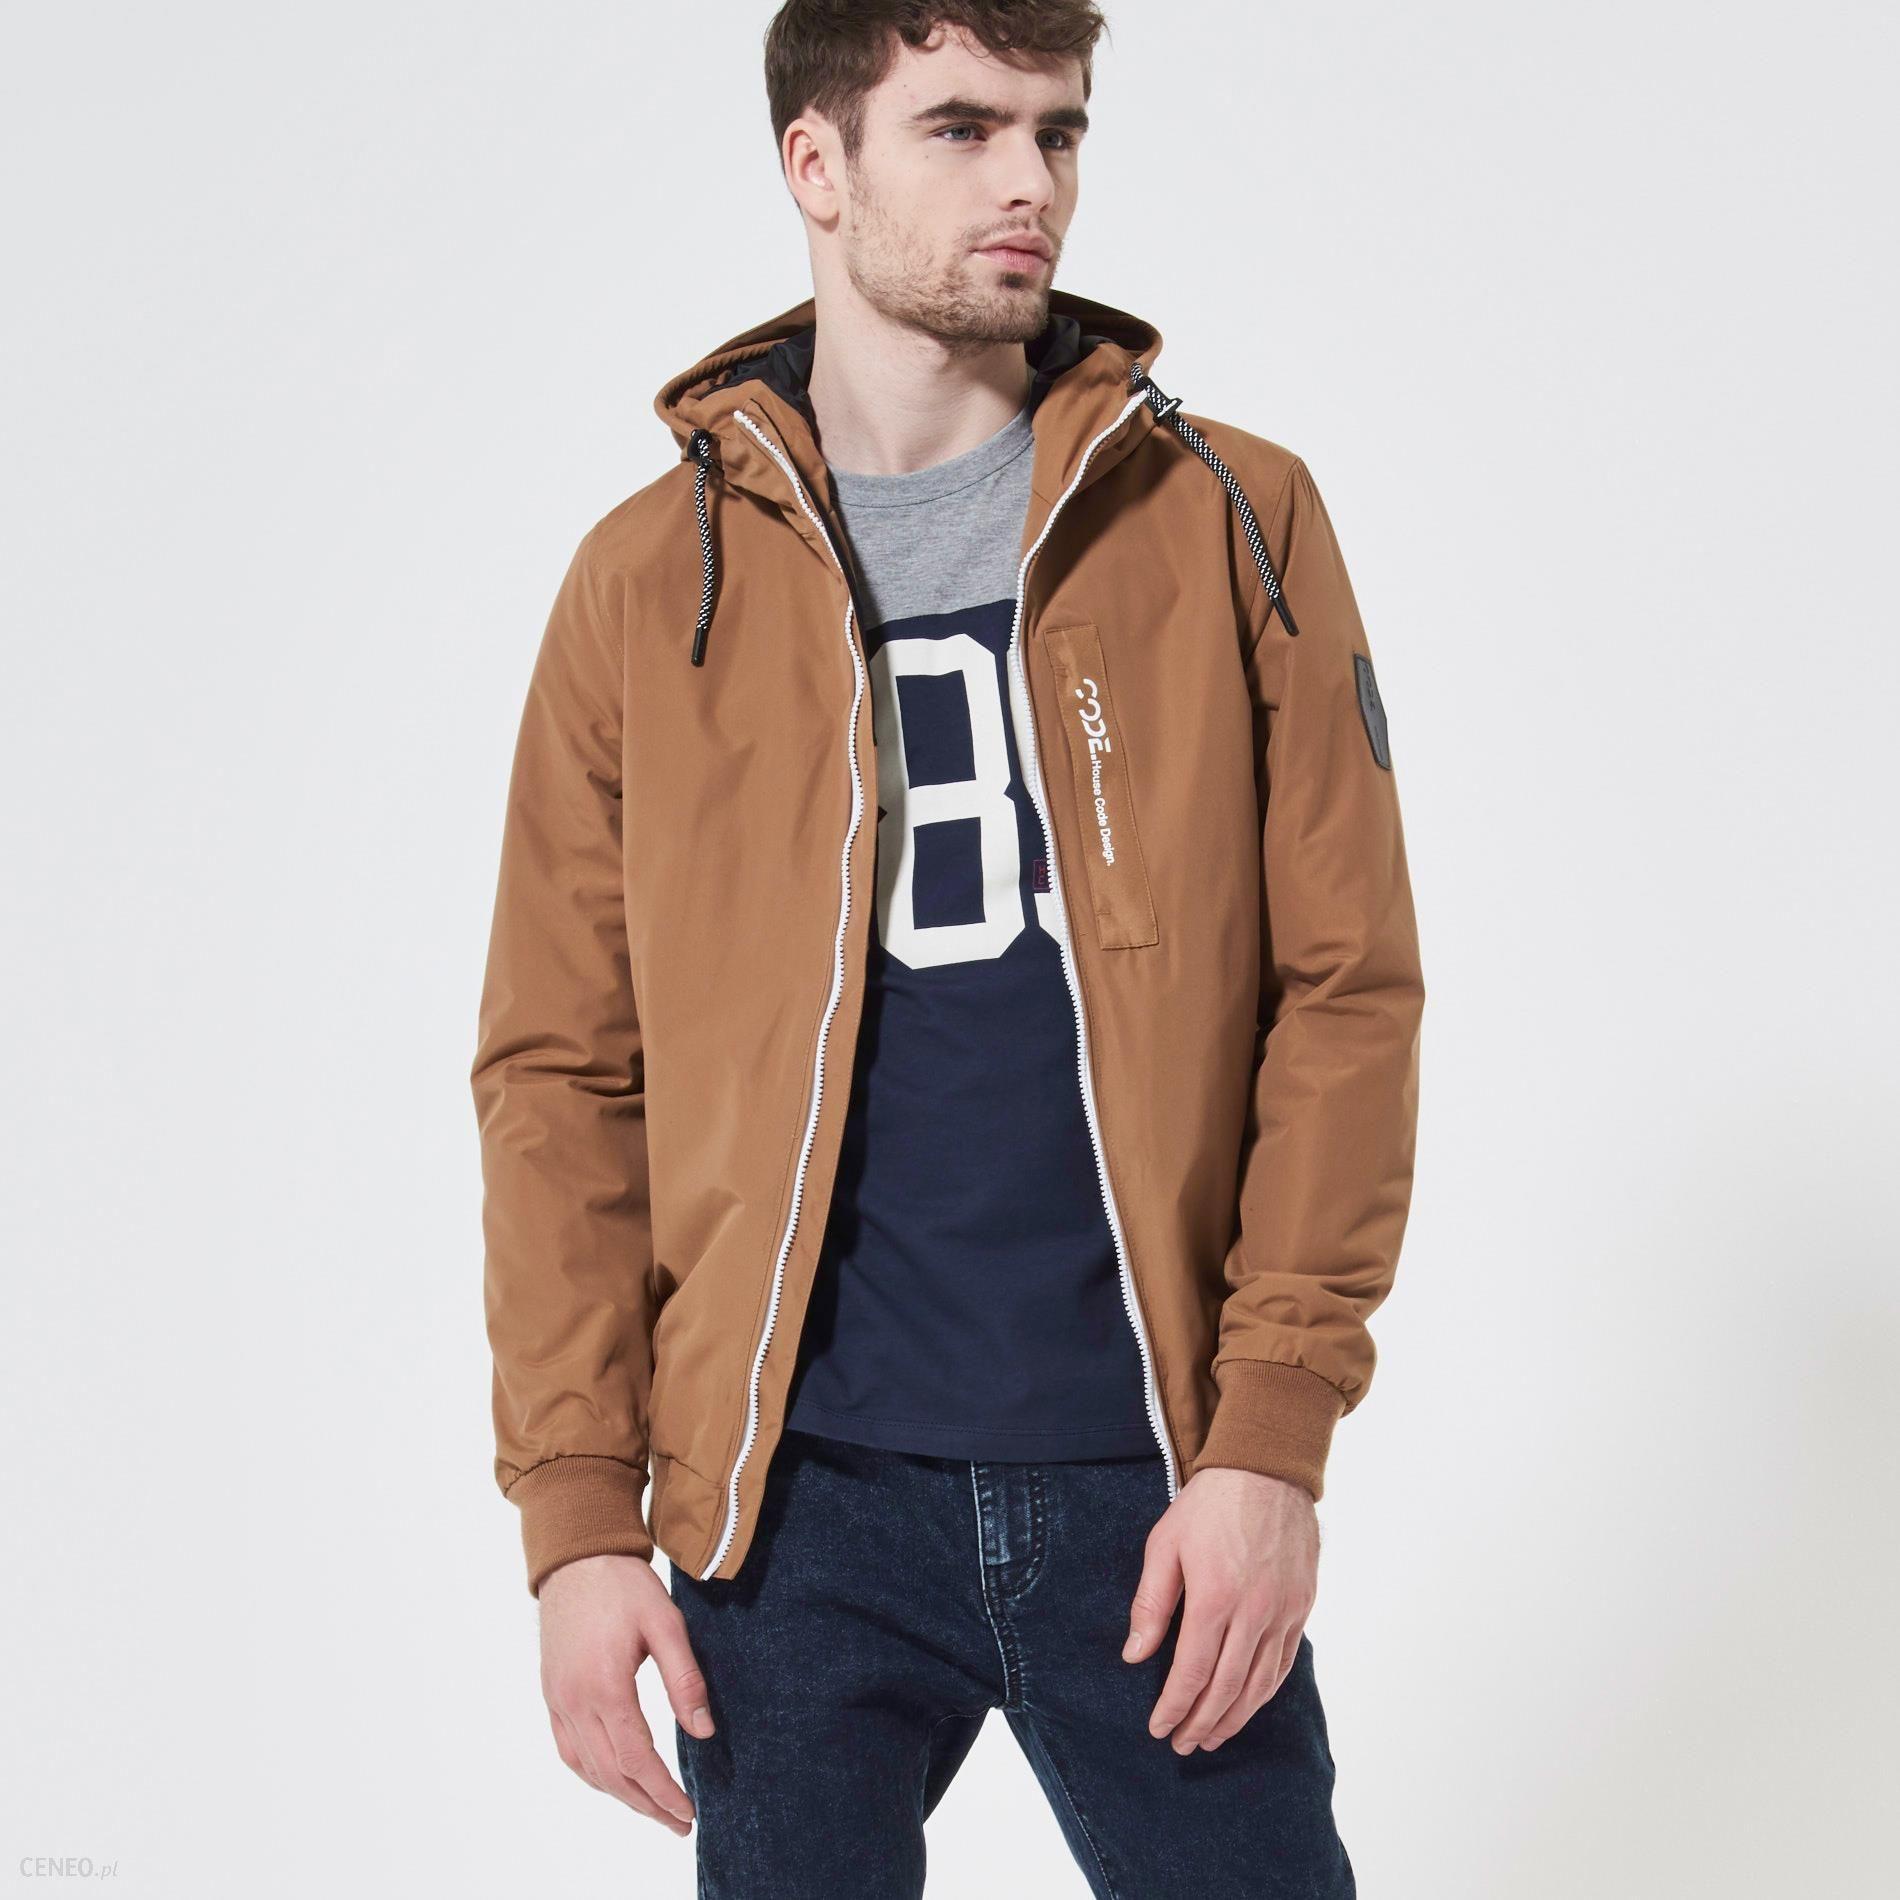 superdry house of speed hood swetry odzież męska,odzież męska,odzież męska w superdry nowości warszawa dążymy do tworzenia wysokiej jakości produktów dla moda, które sprawią, że twoja aktywność będzie optymalna. czy jesteś zainteresowany kupnem superdry house of speed hood? jesteś szczęściarzem, ponieważ w superdry ciekawy polska w katalogu odzież męska .